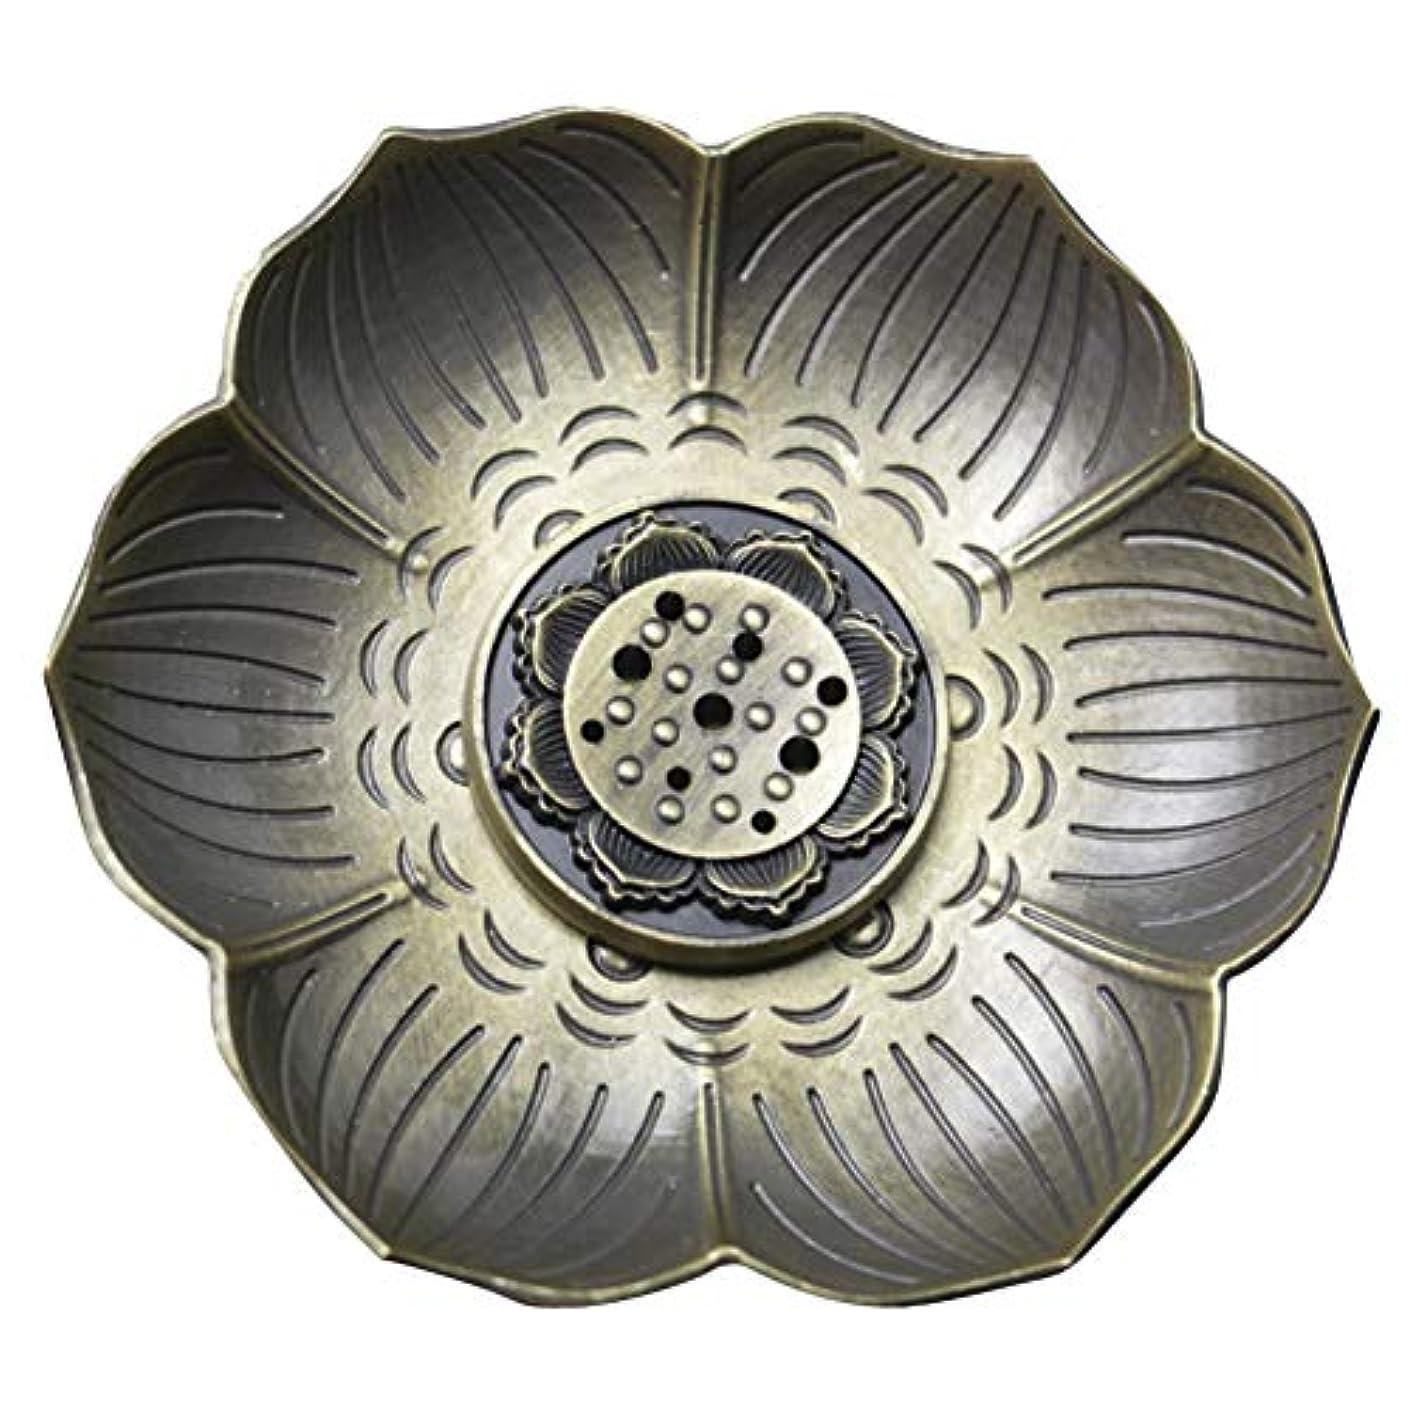 イノセンスお父さん署名(イスイ)YISHUI 線香立 線香皿 香皿 香立て お香用具 お線香用可 アロマ香炉 梅の花 さくらHP0134 (梅の花B)